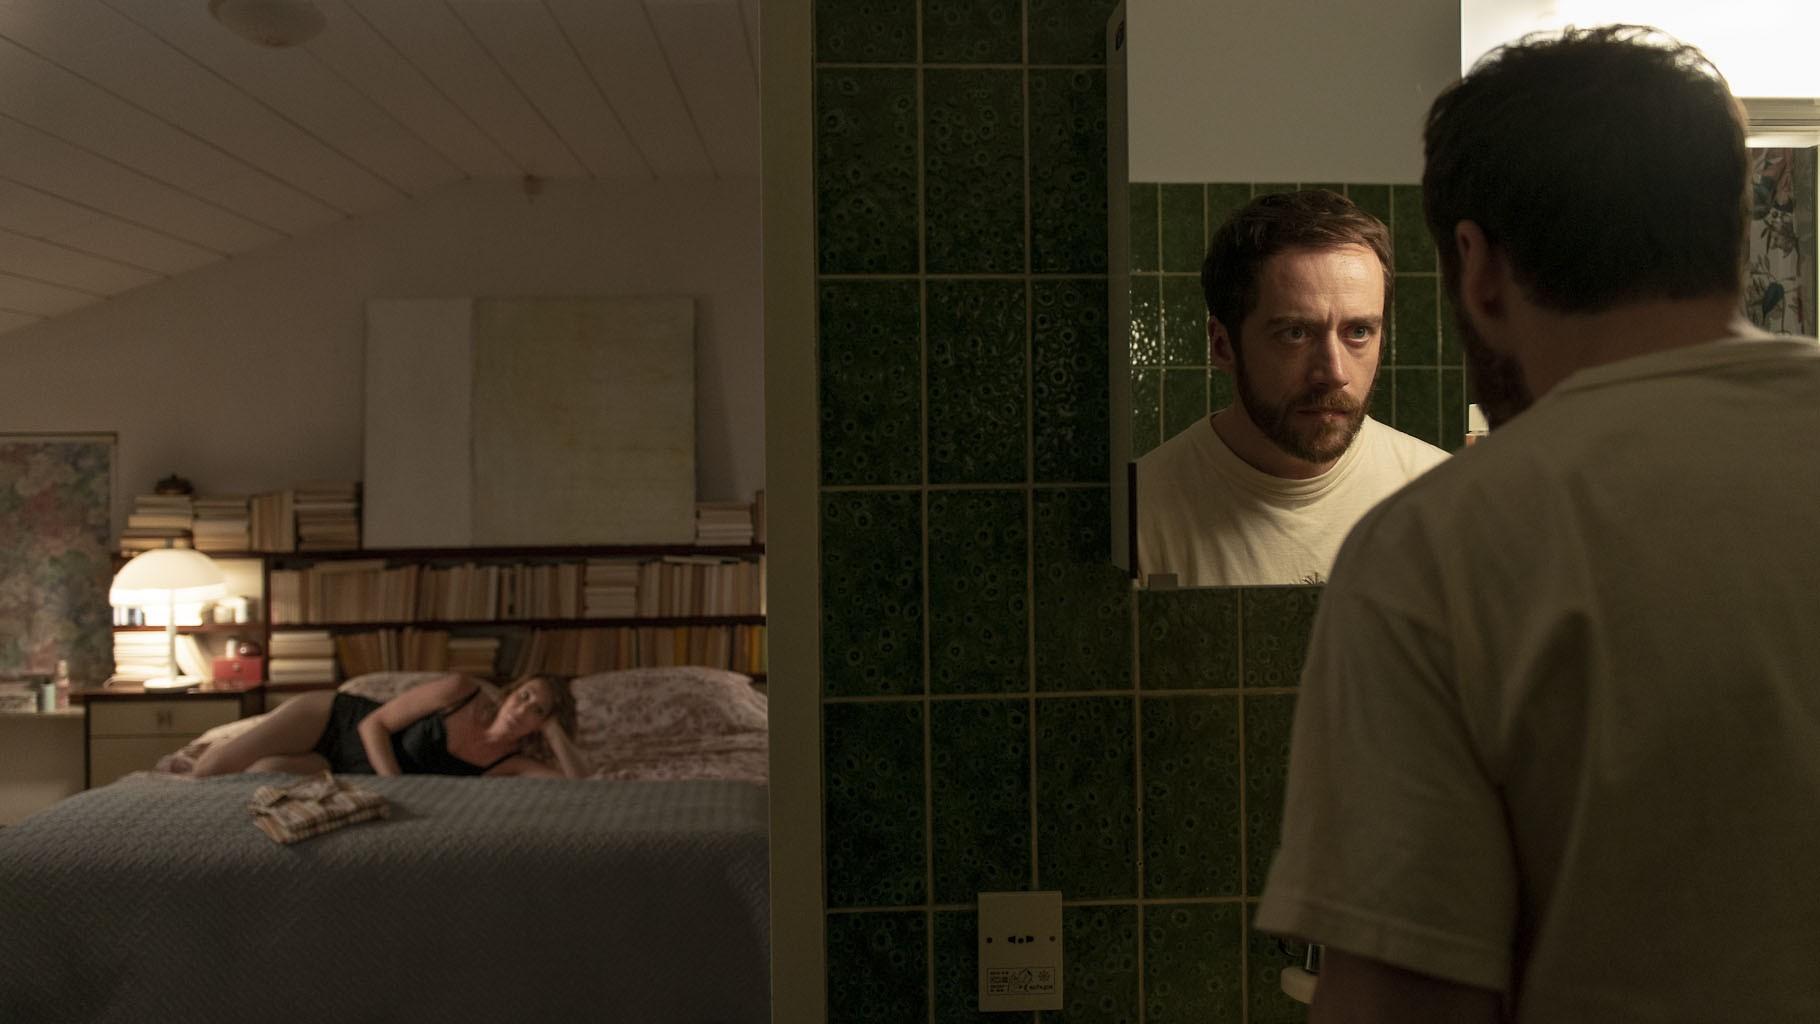 Instituto CPFL exibe sessões gratuitas de cinema em Campinas; veja programação  - Notícias - Plantão Diário